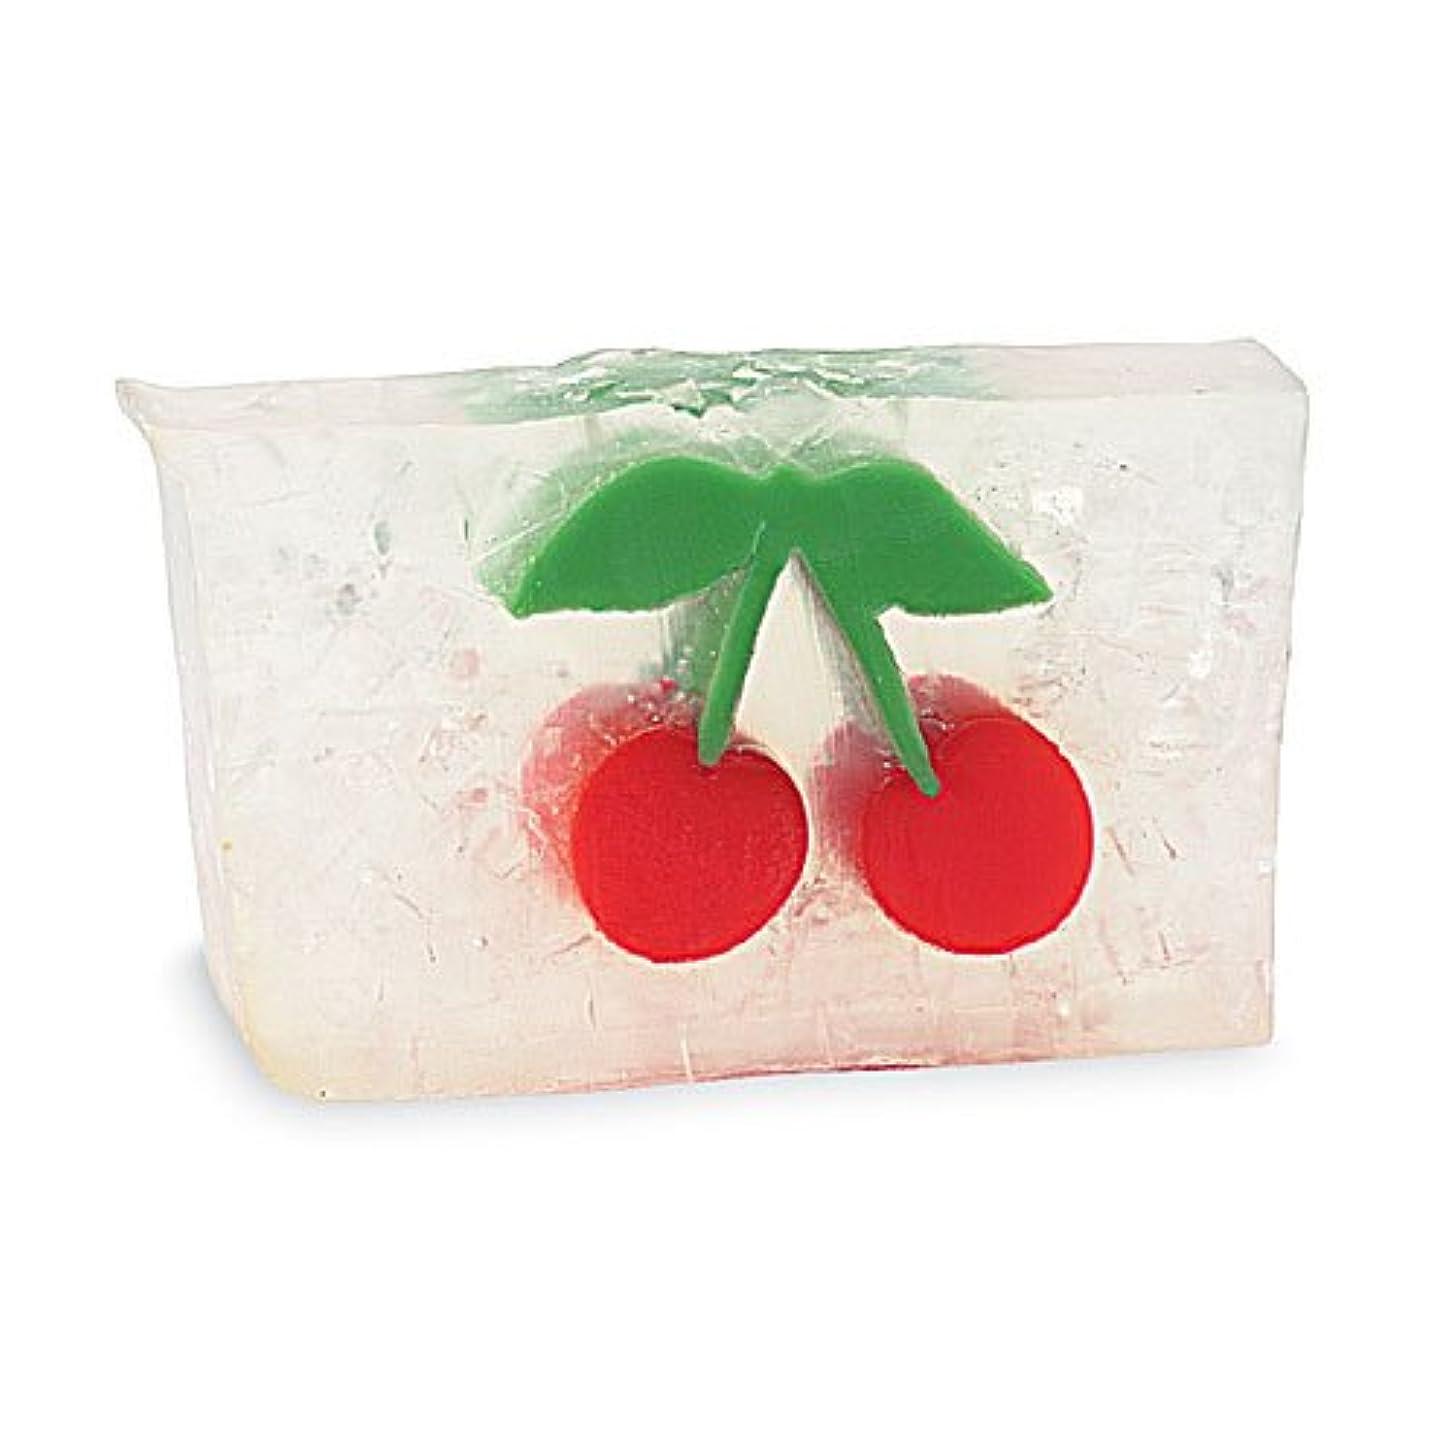 ダウンタウン変成器モッキンバードプライモールエレメンツ アロマティック ソープ チェリー 180g 植物性 ナチュラル 石鹸 無添加